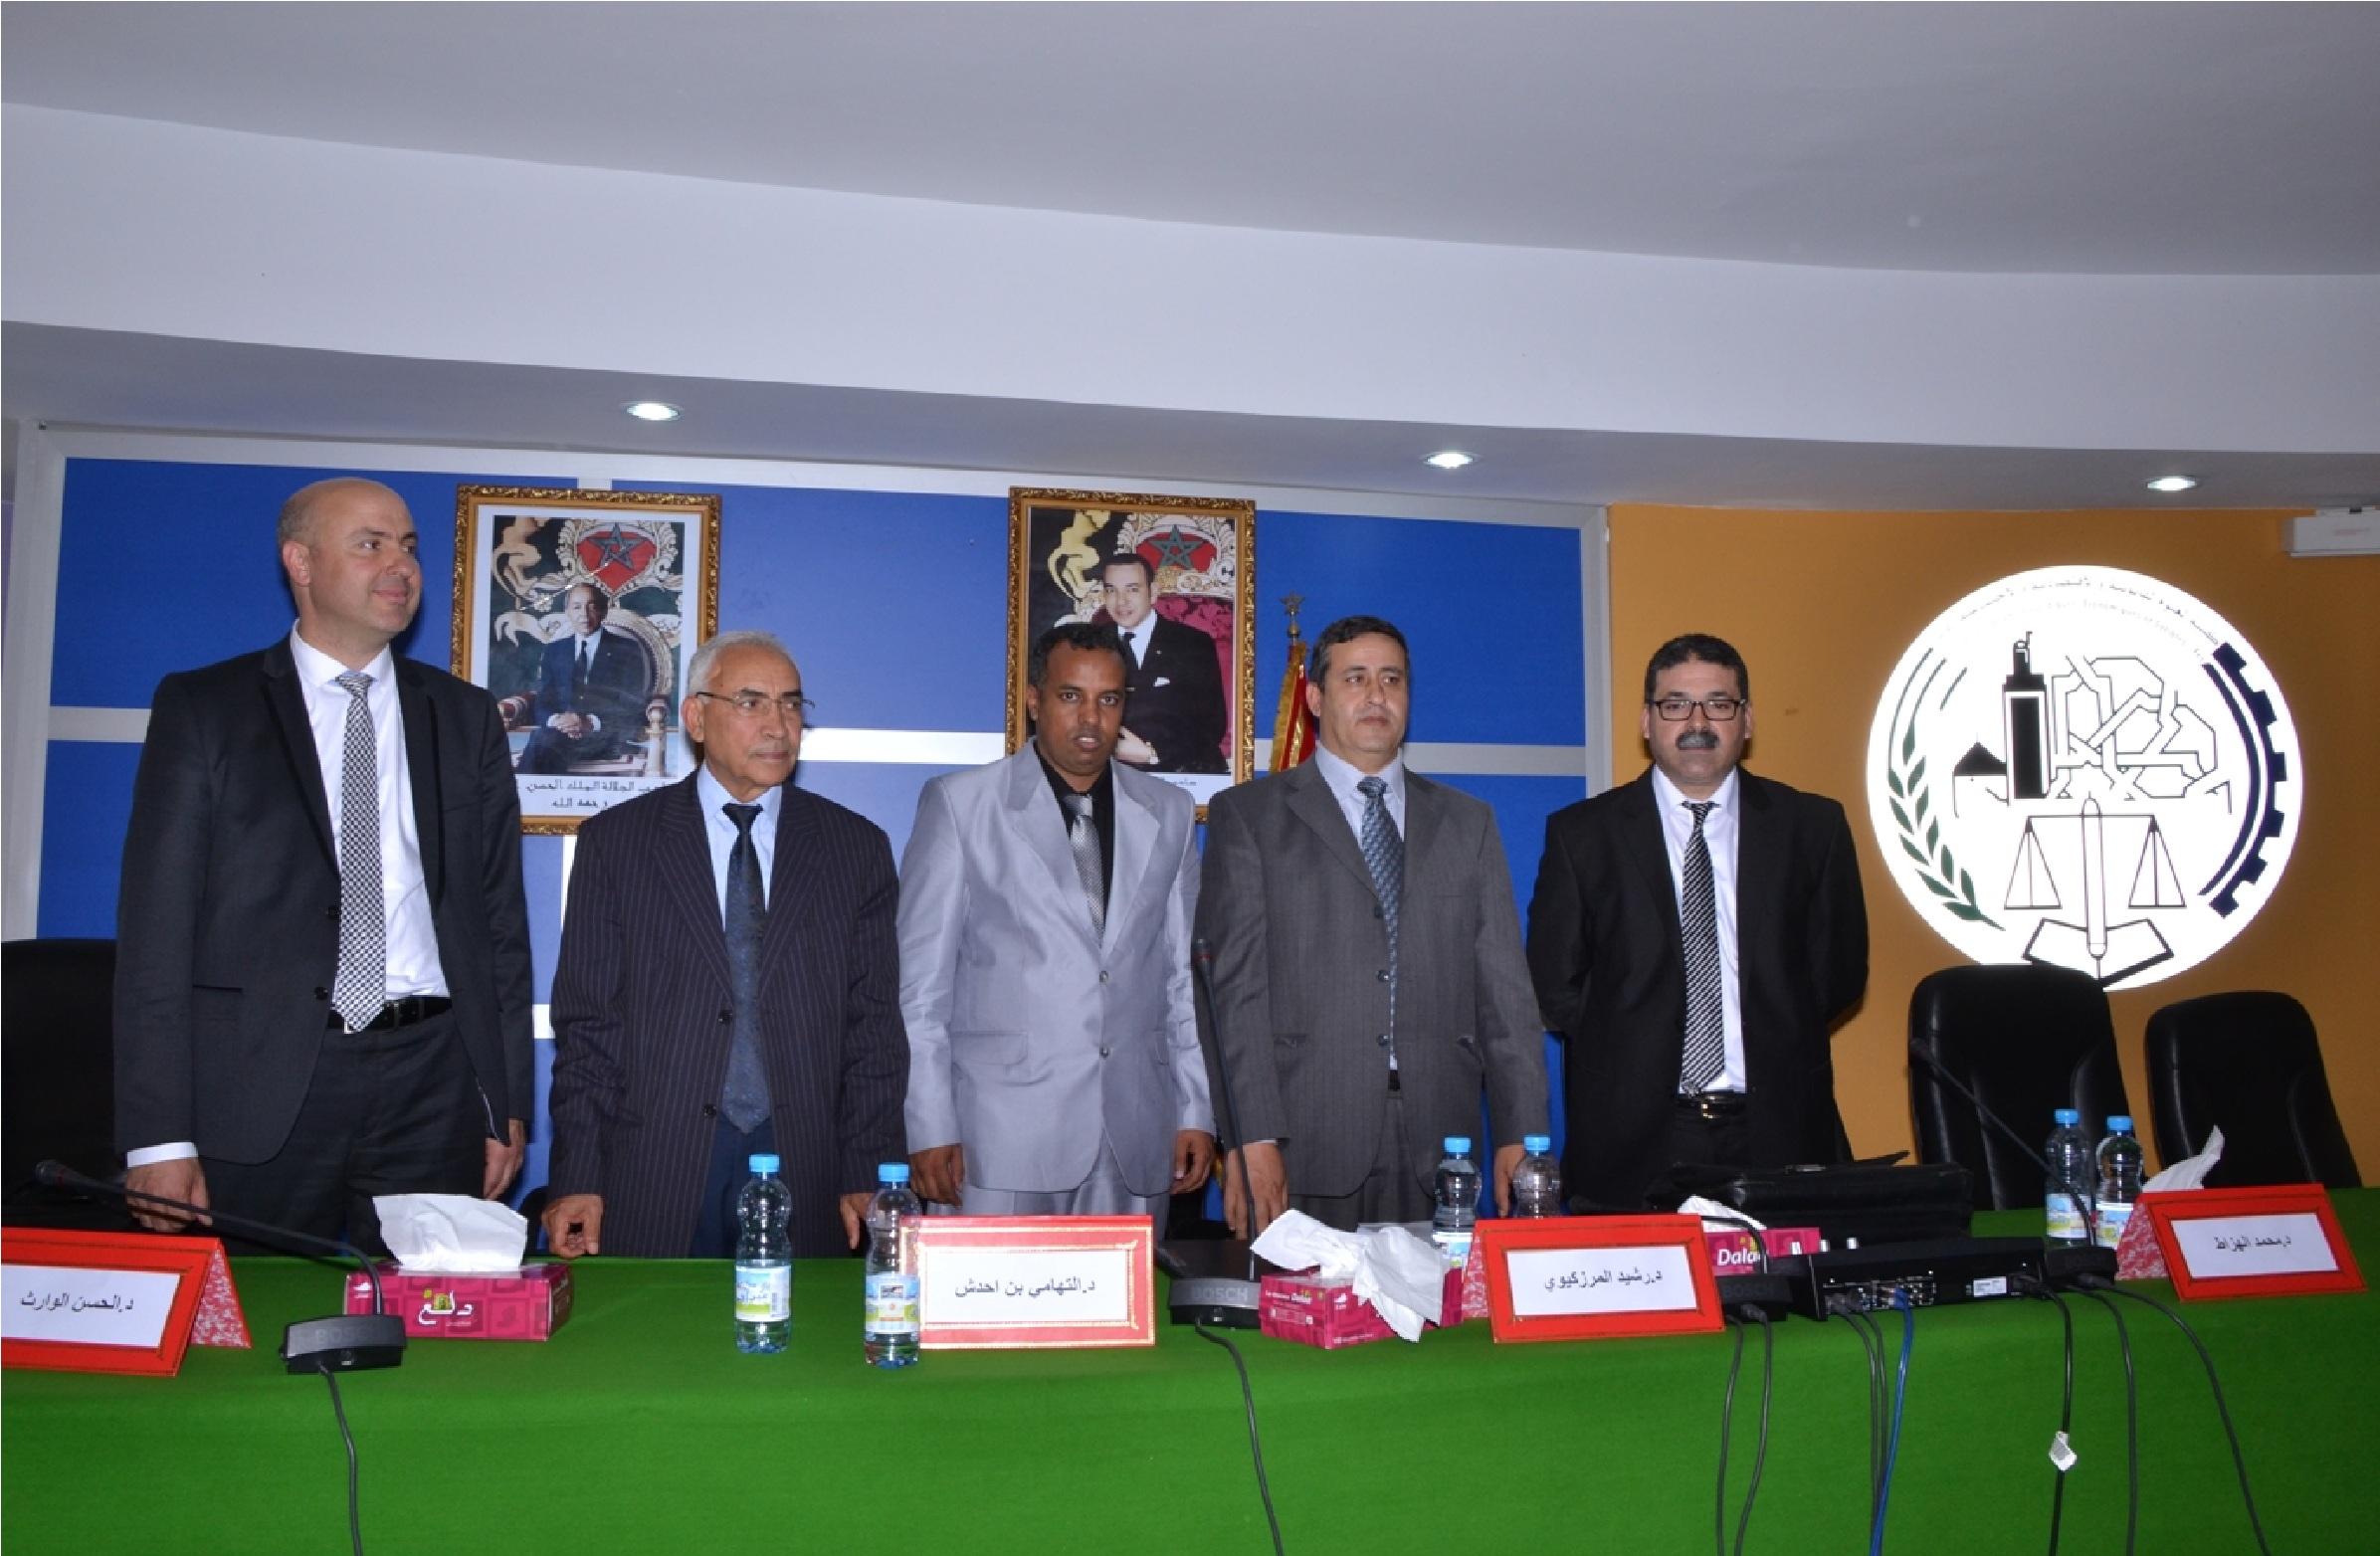 الدكتور أحمد انداري أثناء المناقشة